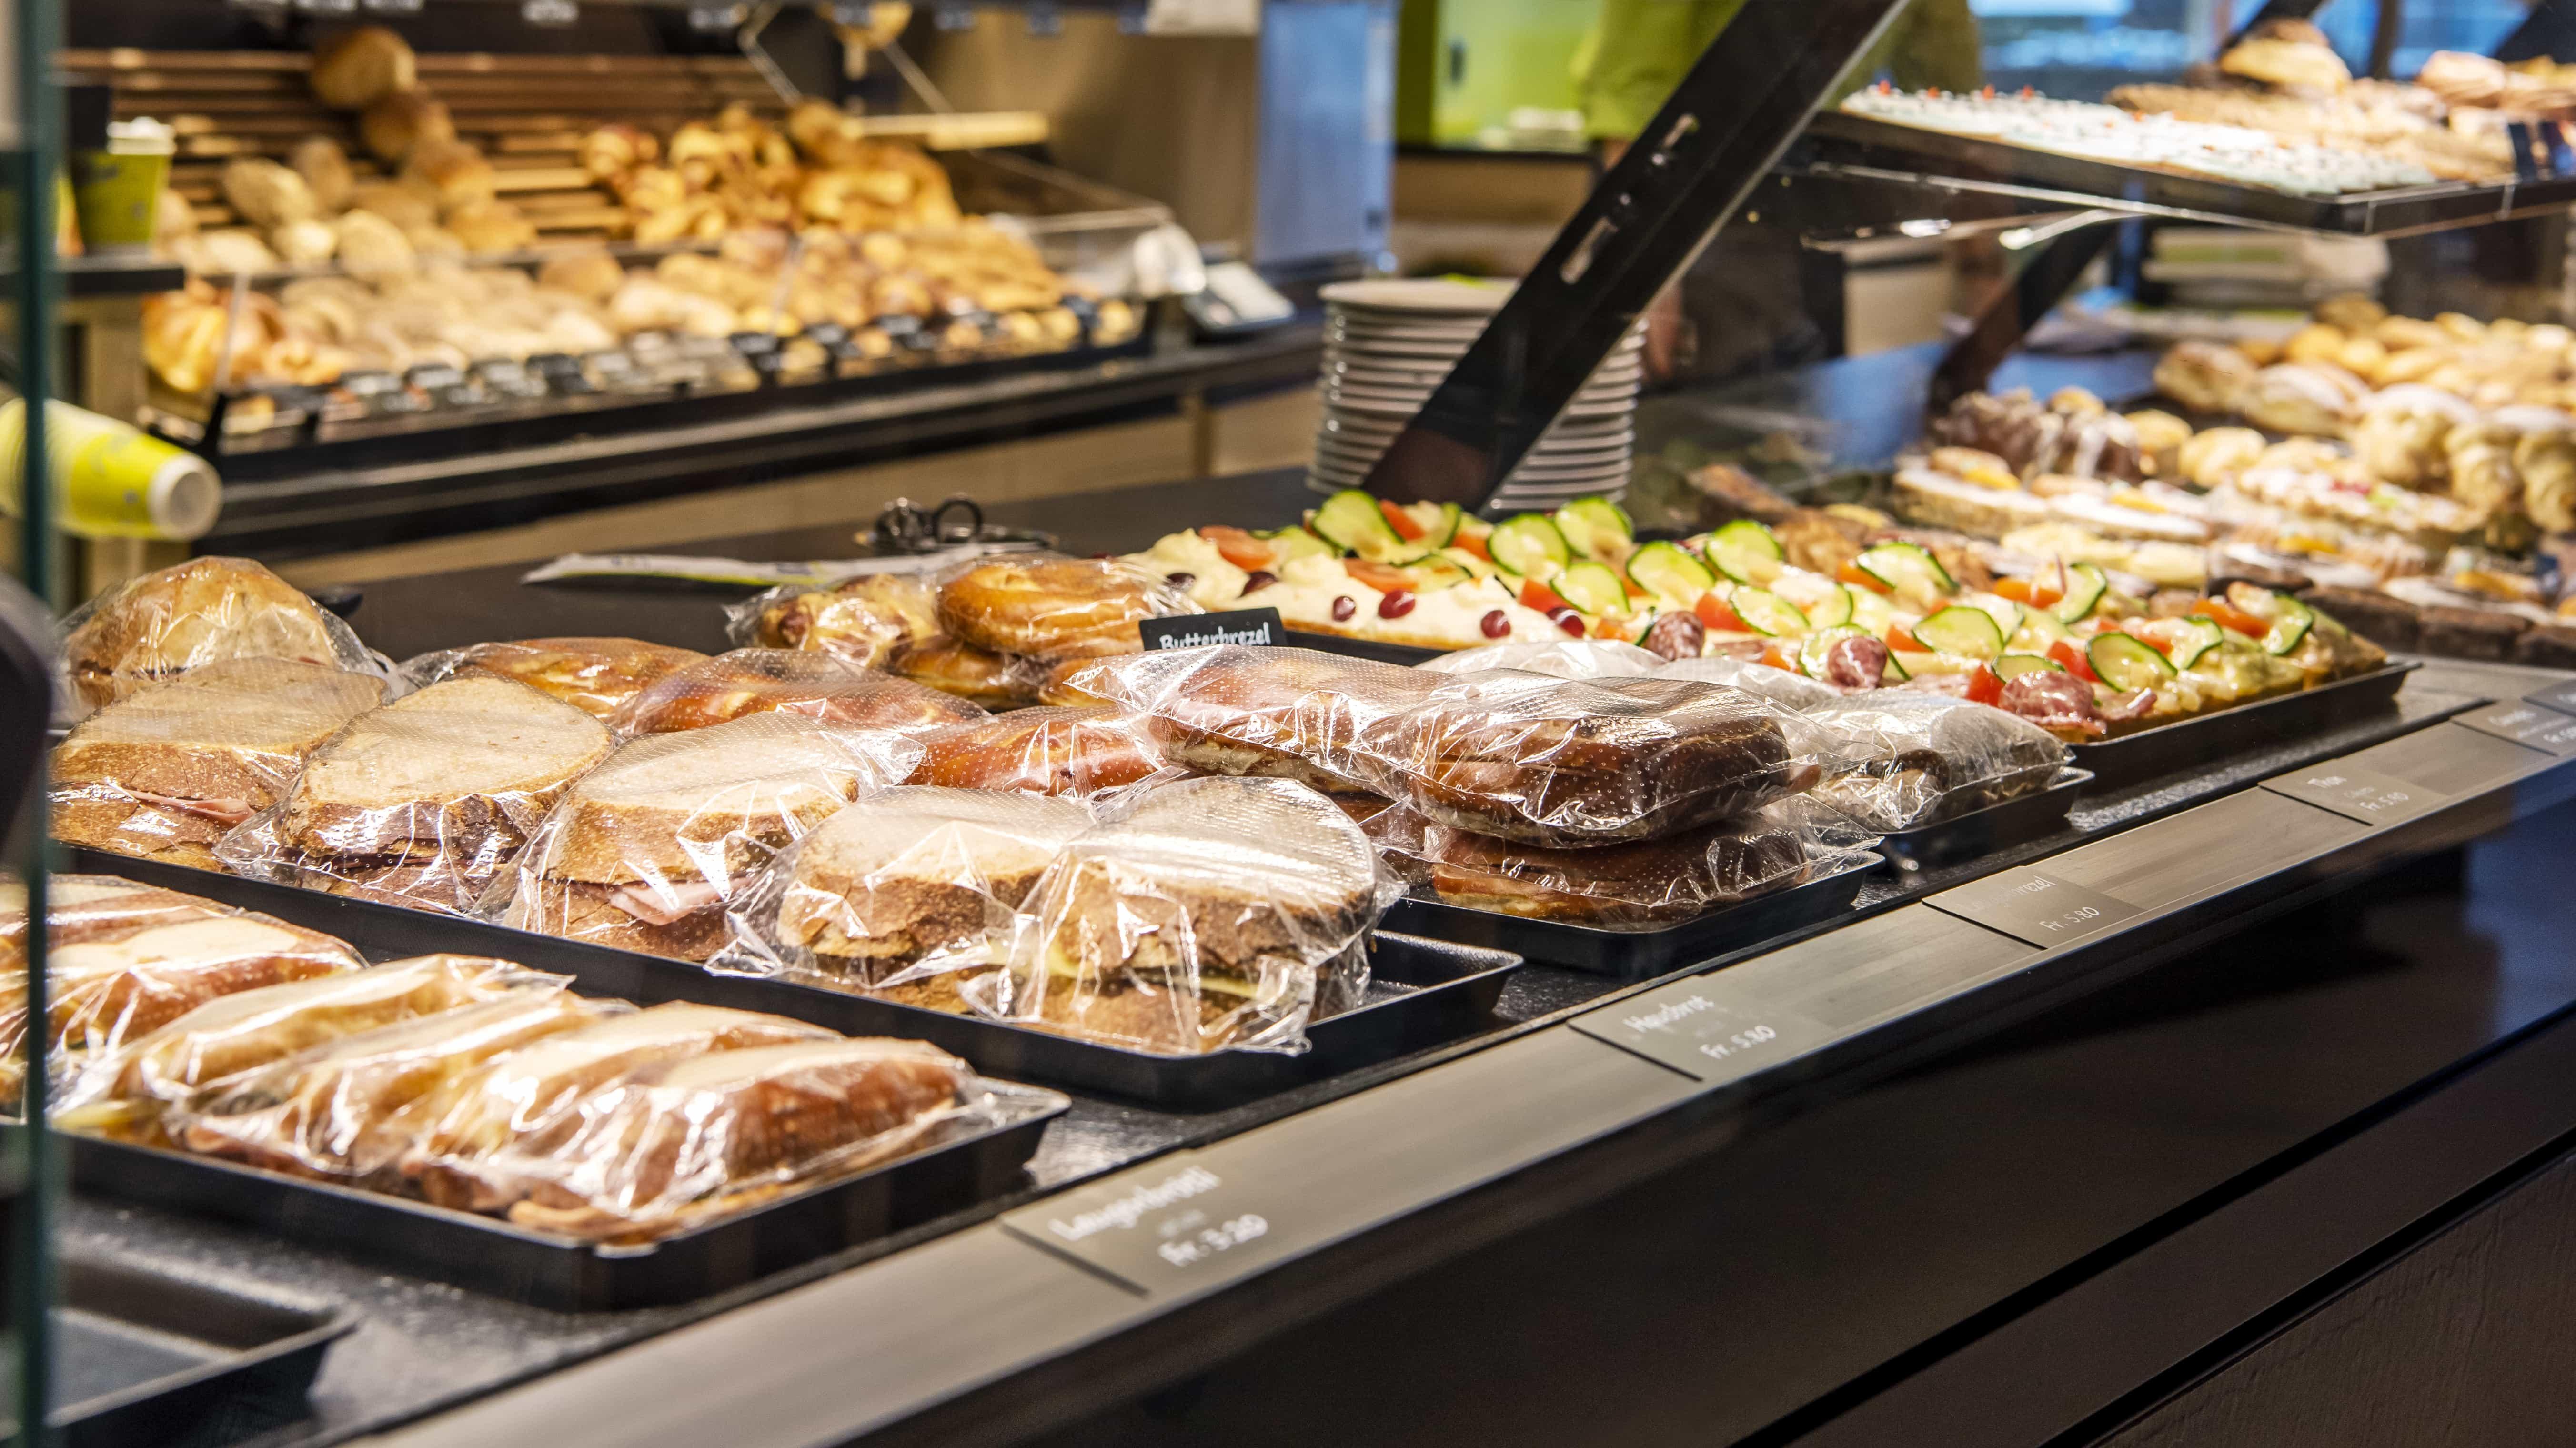 Auslage in Theke in Bäckerei Räber